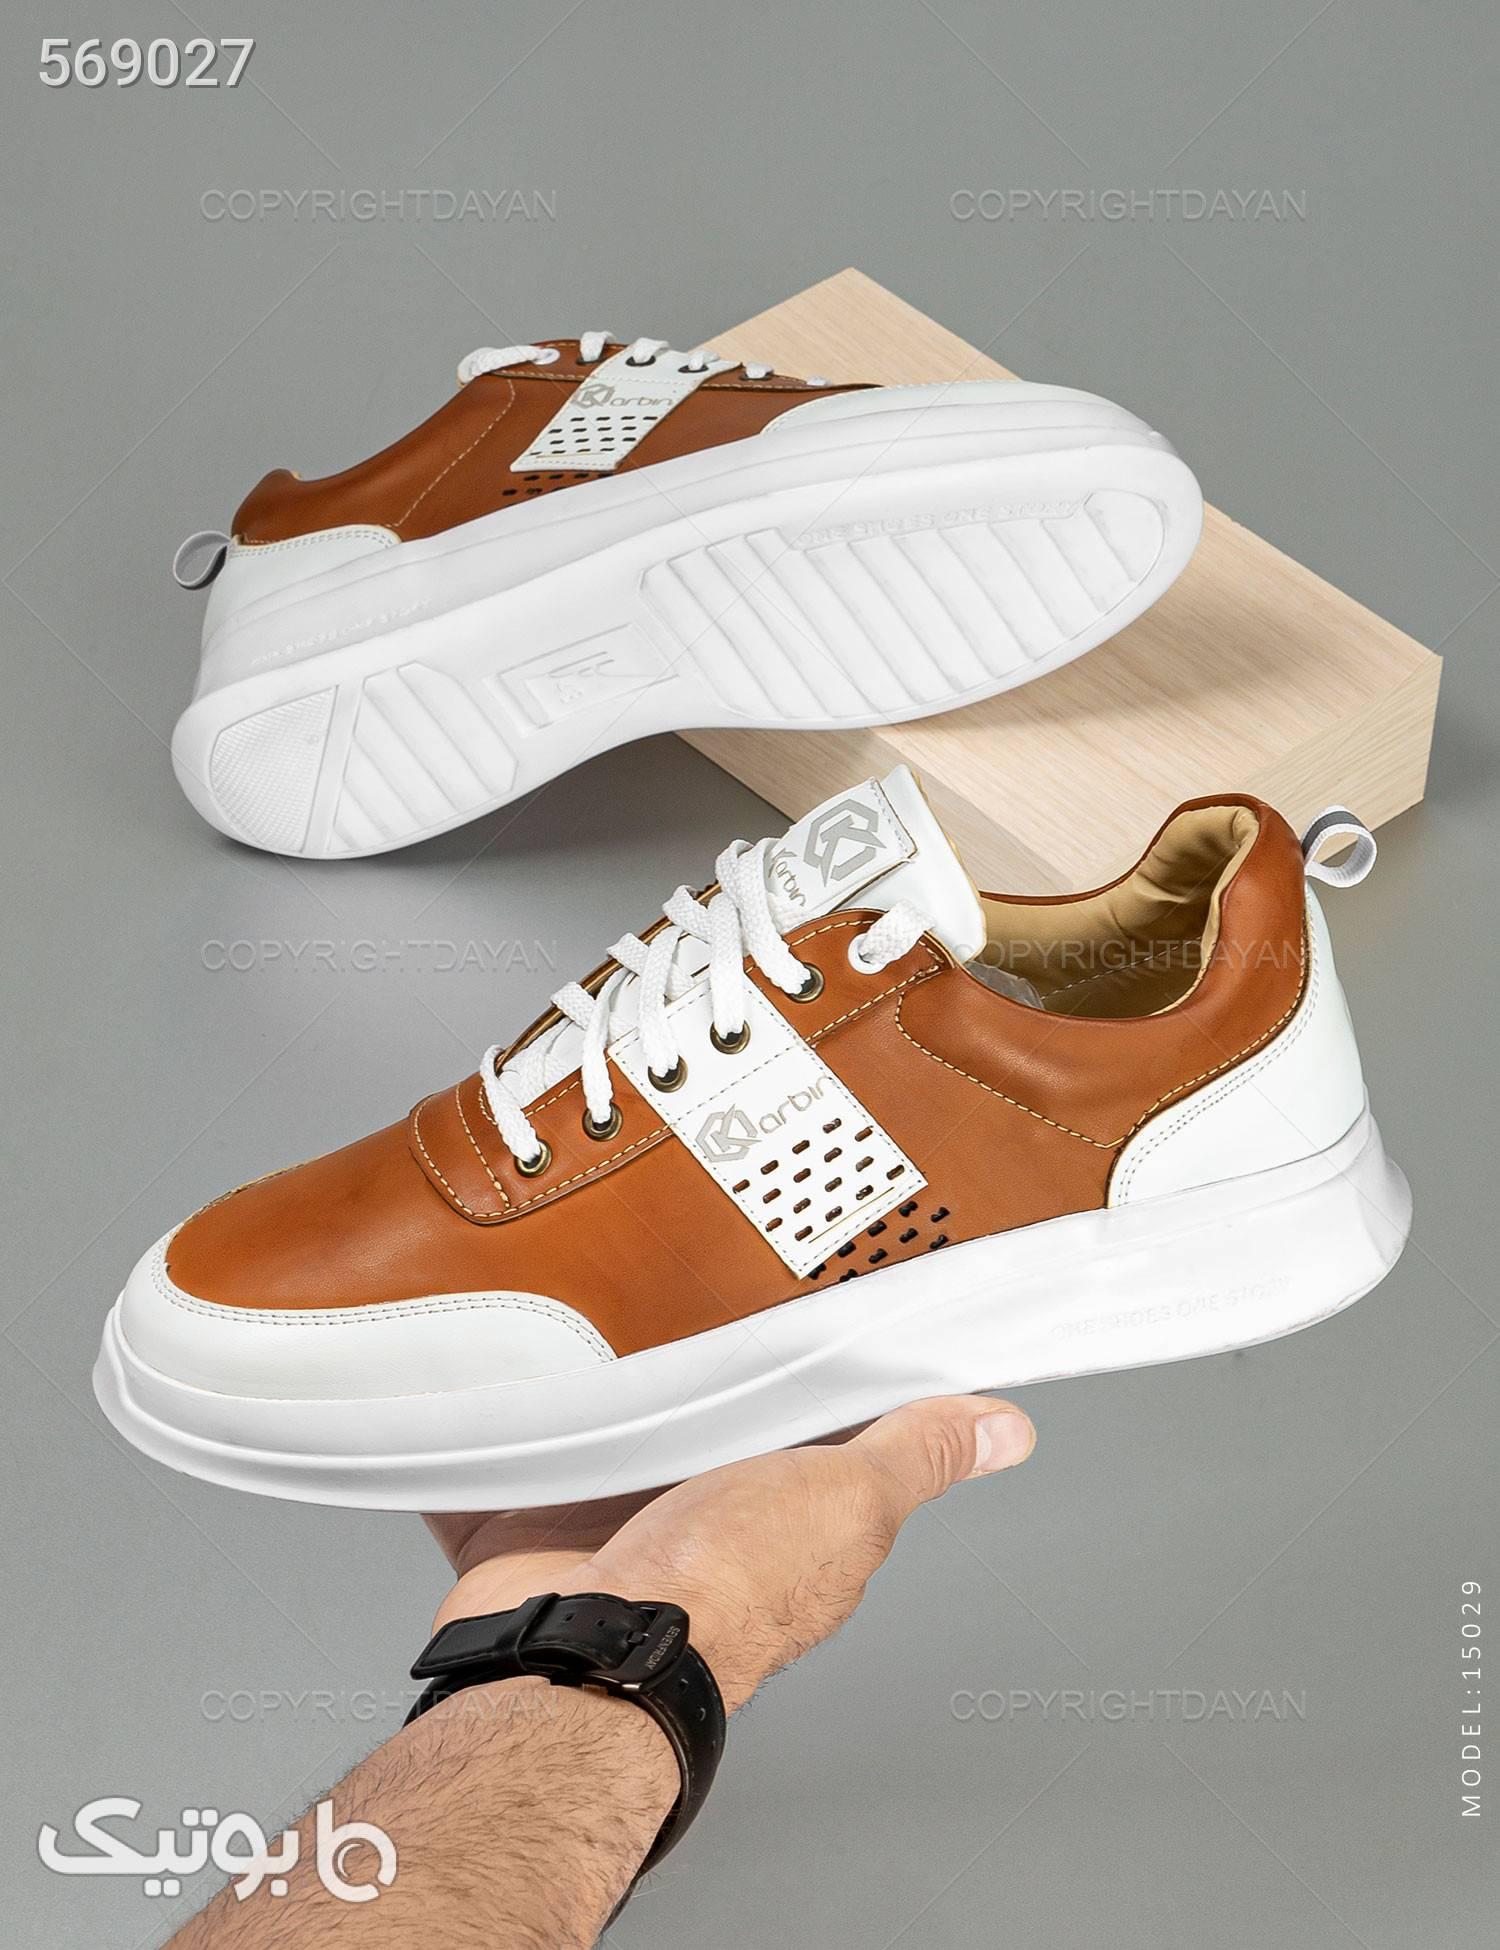 کفش مردانه Sevin مدل 15029 قهوه ای كفش مردانه